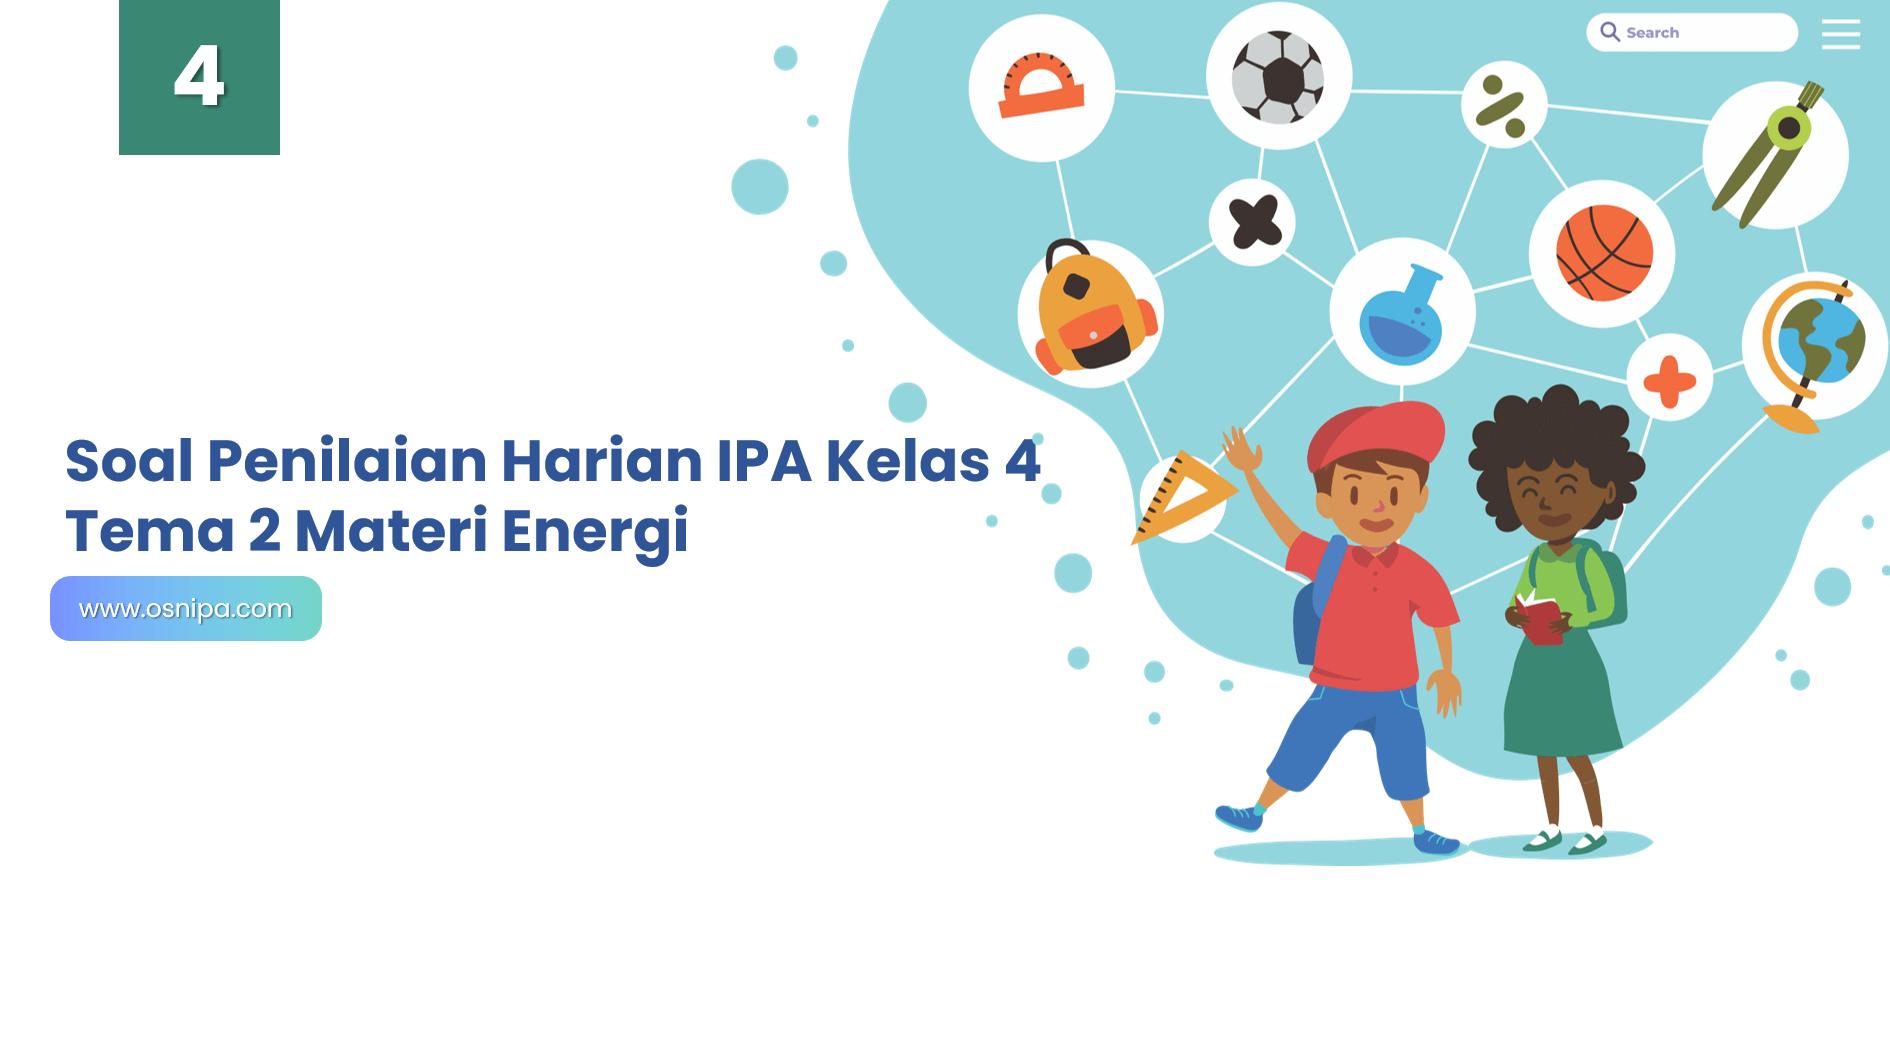 Soal Penilaian Harian IPA Kelas 4 Tema 2 Materi Energi